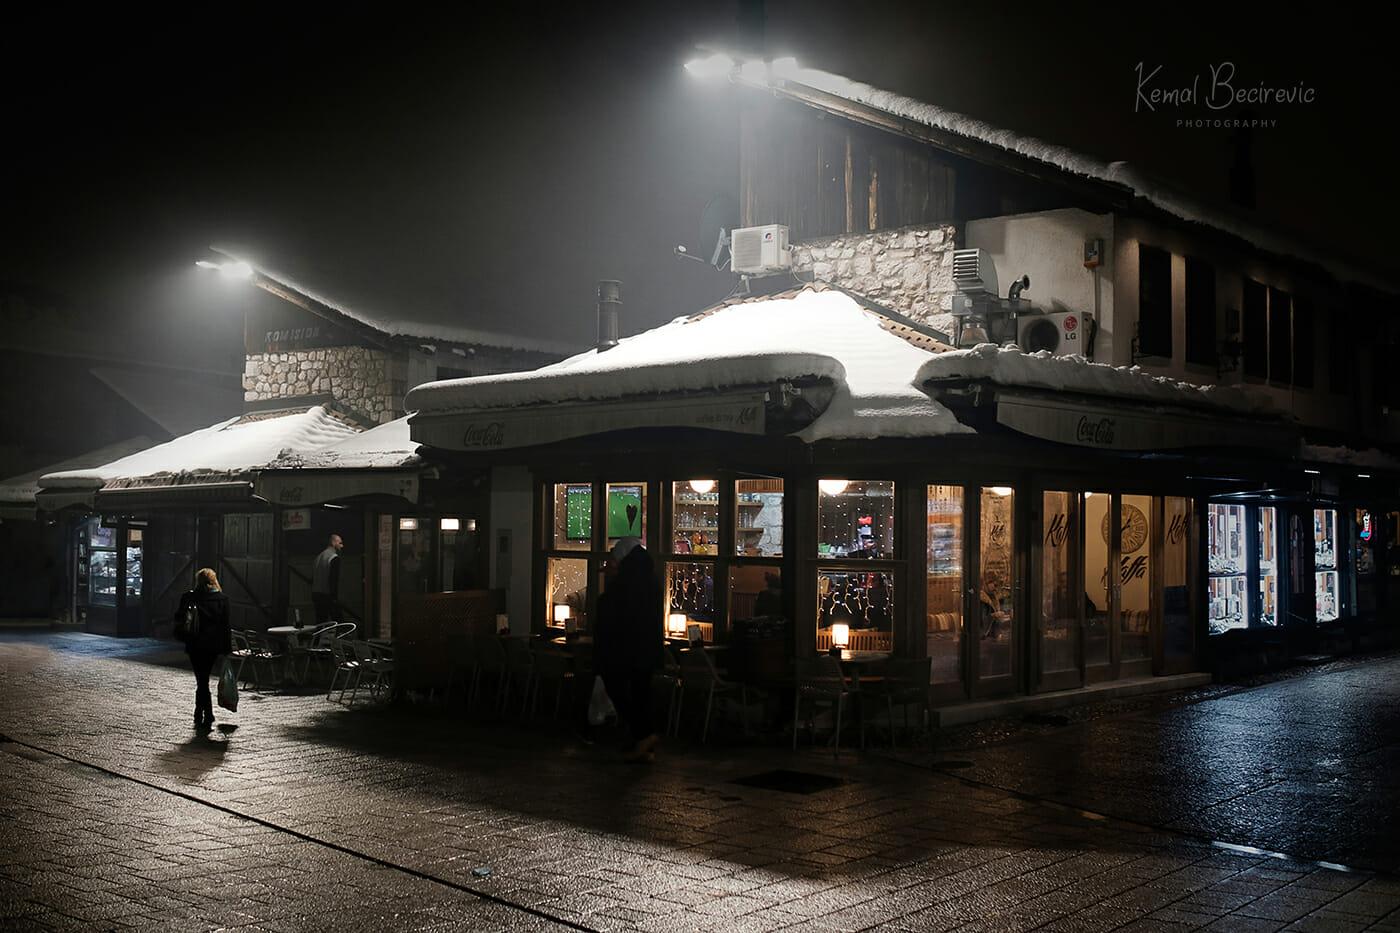 Baščaršija, Sarajevo No:5